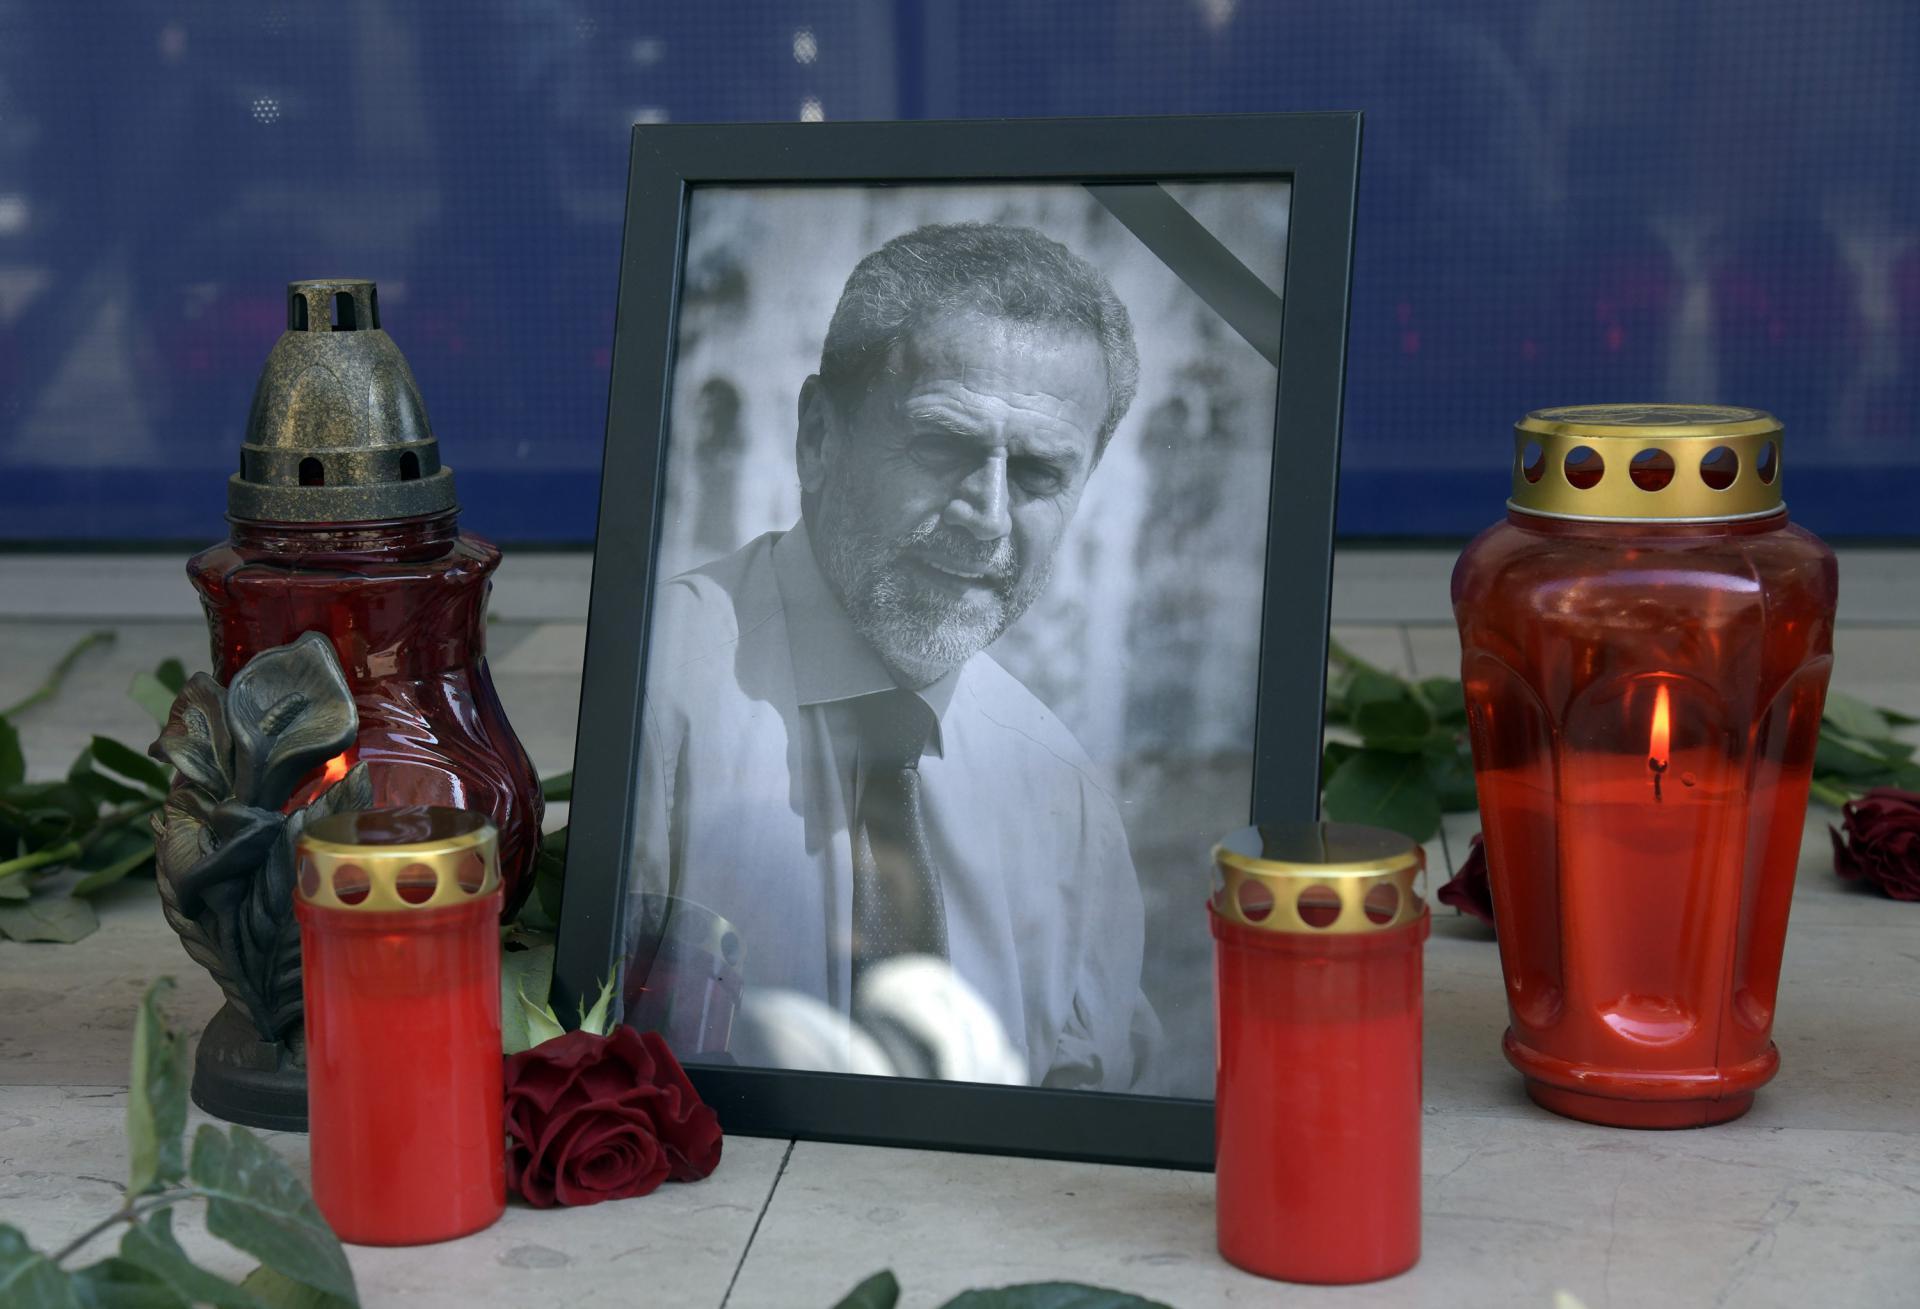 Komemoracija u povodu Bandićeve smrti i njegov pogreb bit će organizirani u srijedu